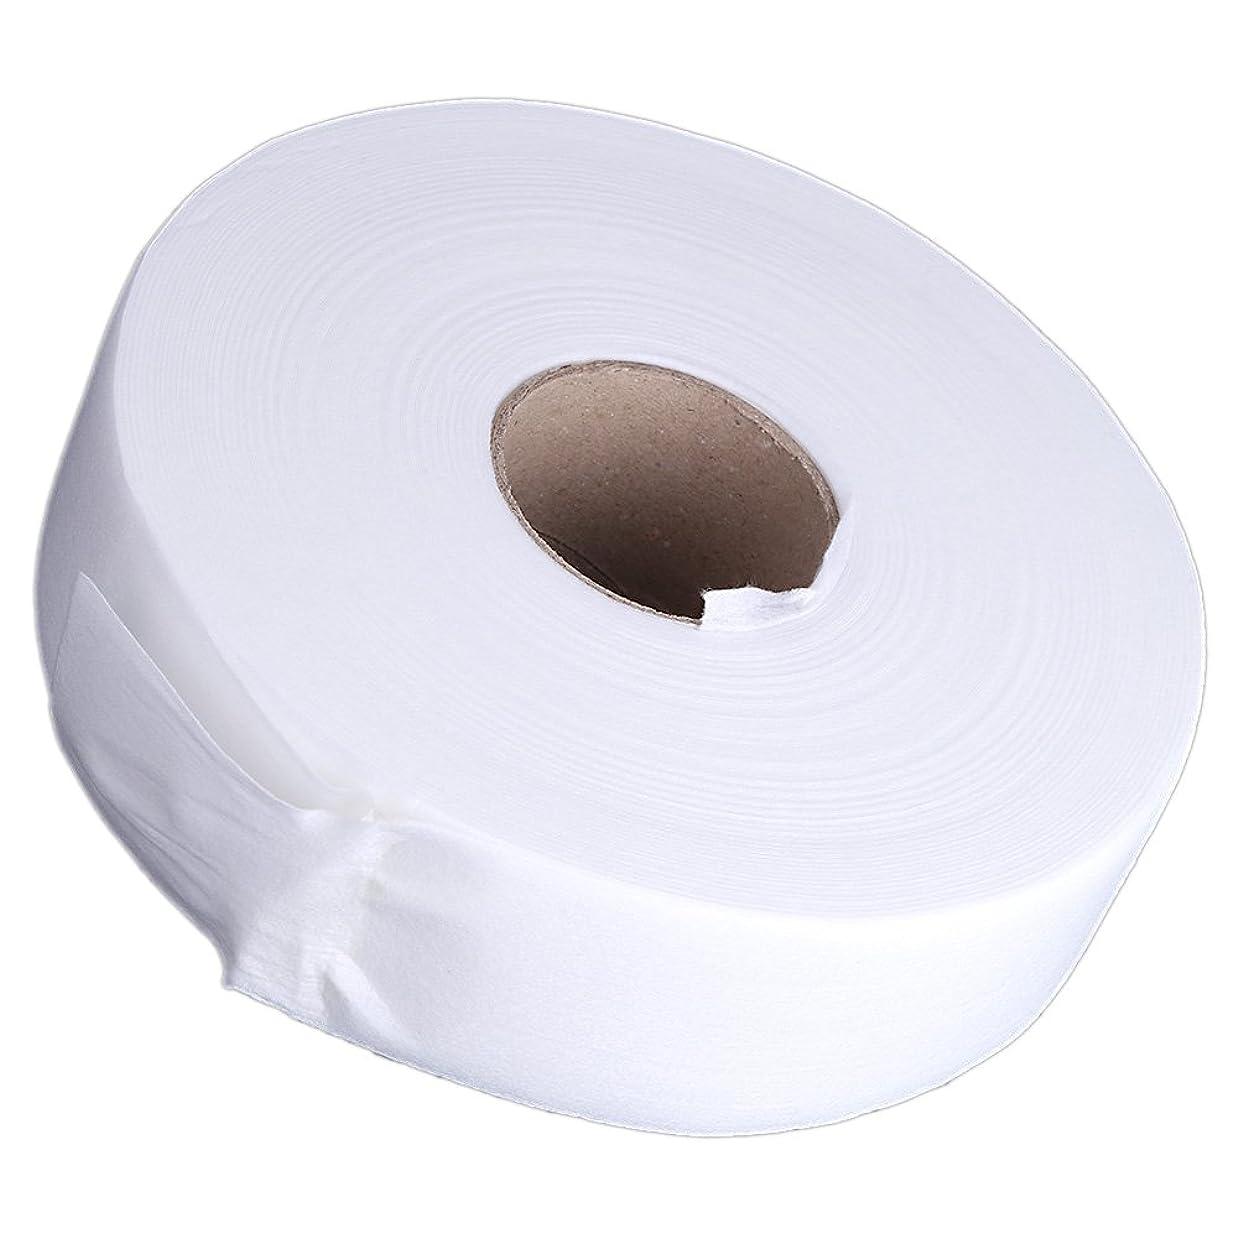 ラケット解く人類ACAMPTAR 100ヤードの脱毛紙脱毛ワックスストリップ 不織布ペーパーワックスロール(白)